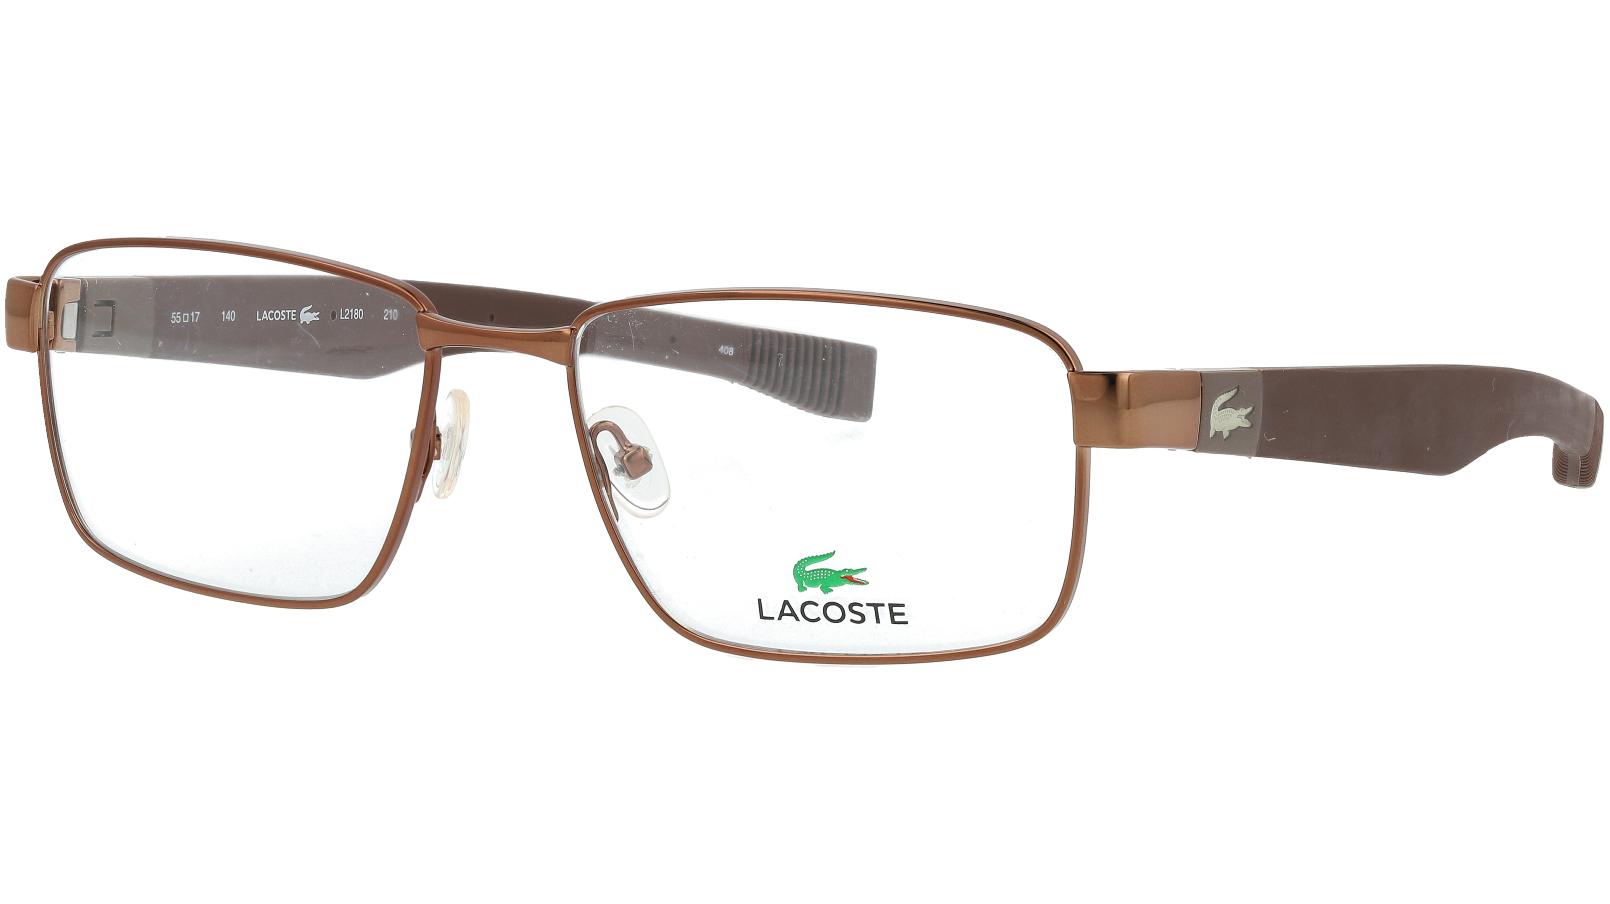 LACOSTE L2180 210 55 BROWN Glasses